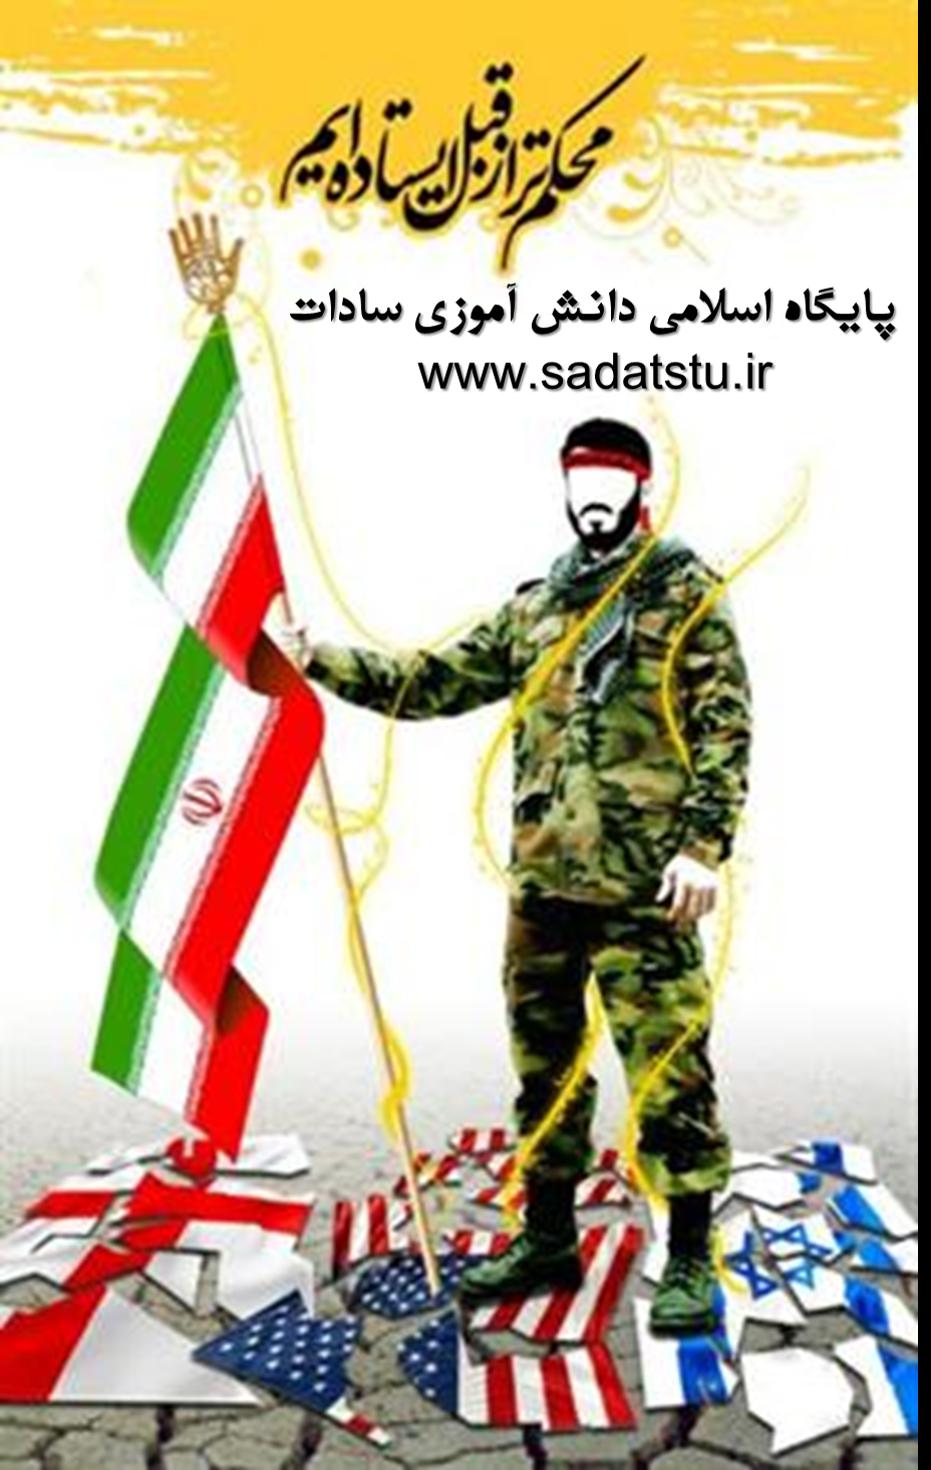 پایگاه اسلامی دانش آموزی سادات